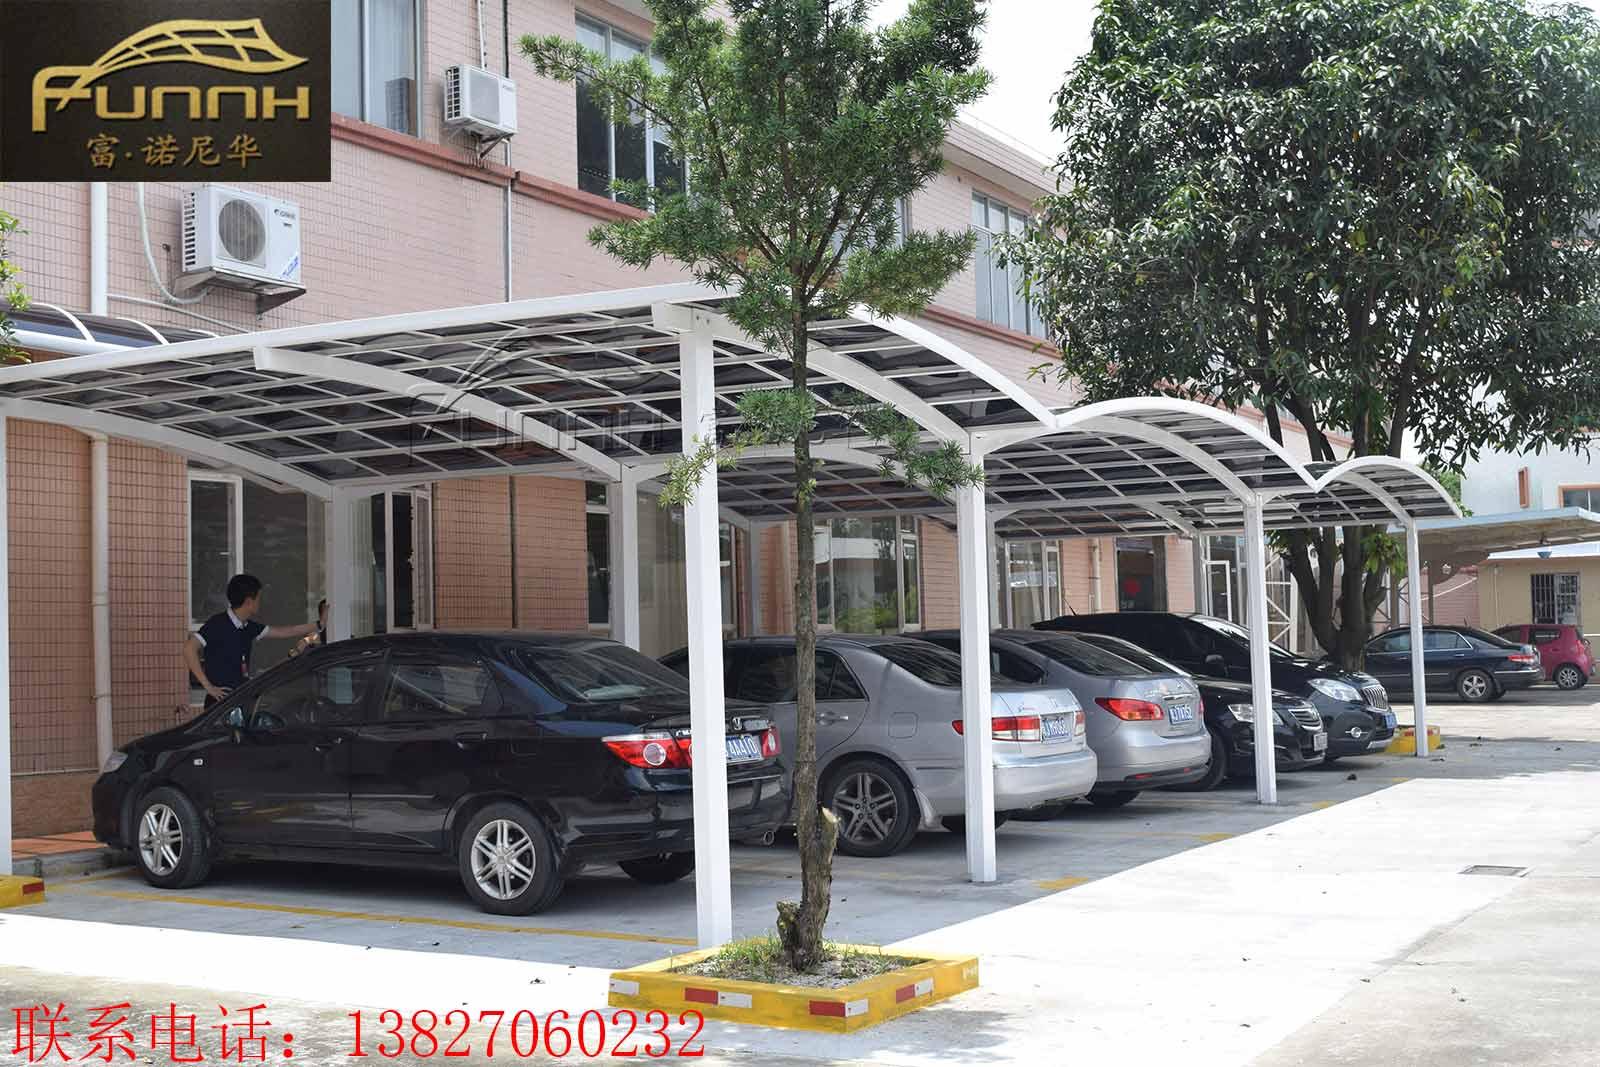 厂家定制高档别墅户外停车棚PC耐力板雨棚铝合金遮阳棚露台棚